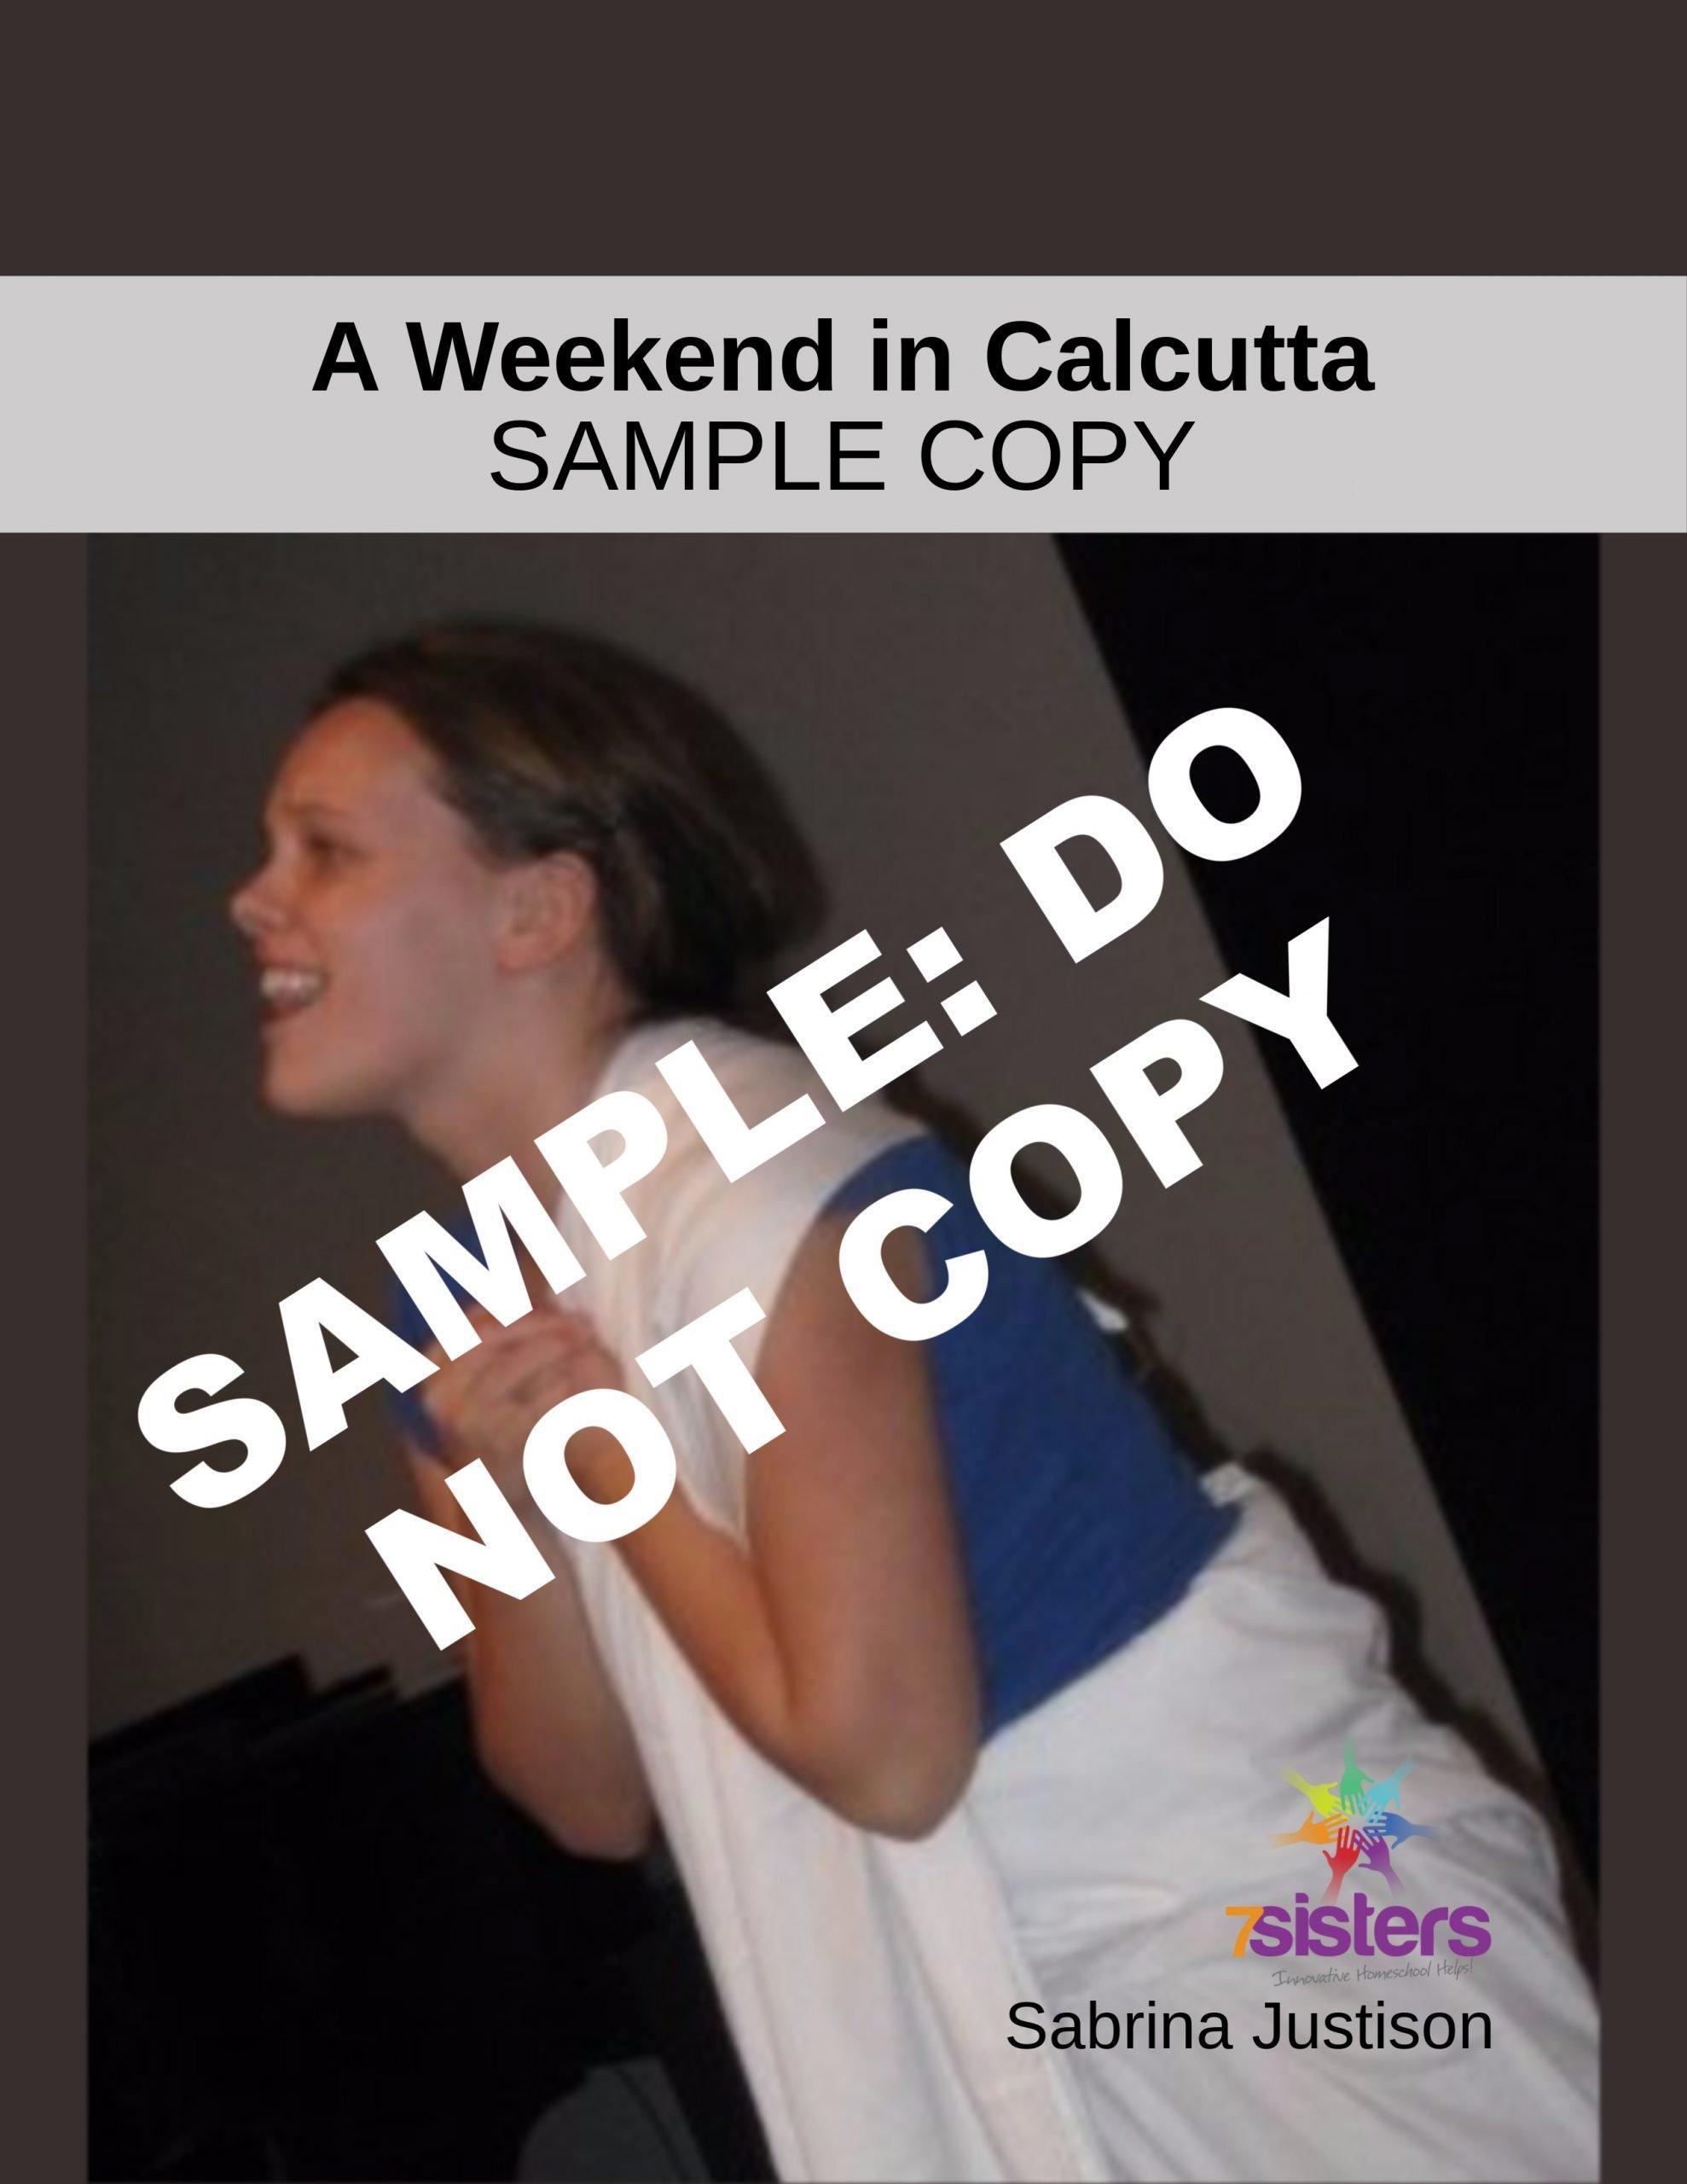 Sample Copy of Script: A Weekend in Calcutta